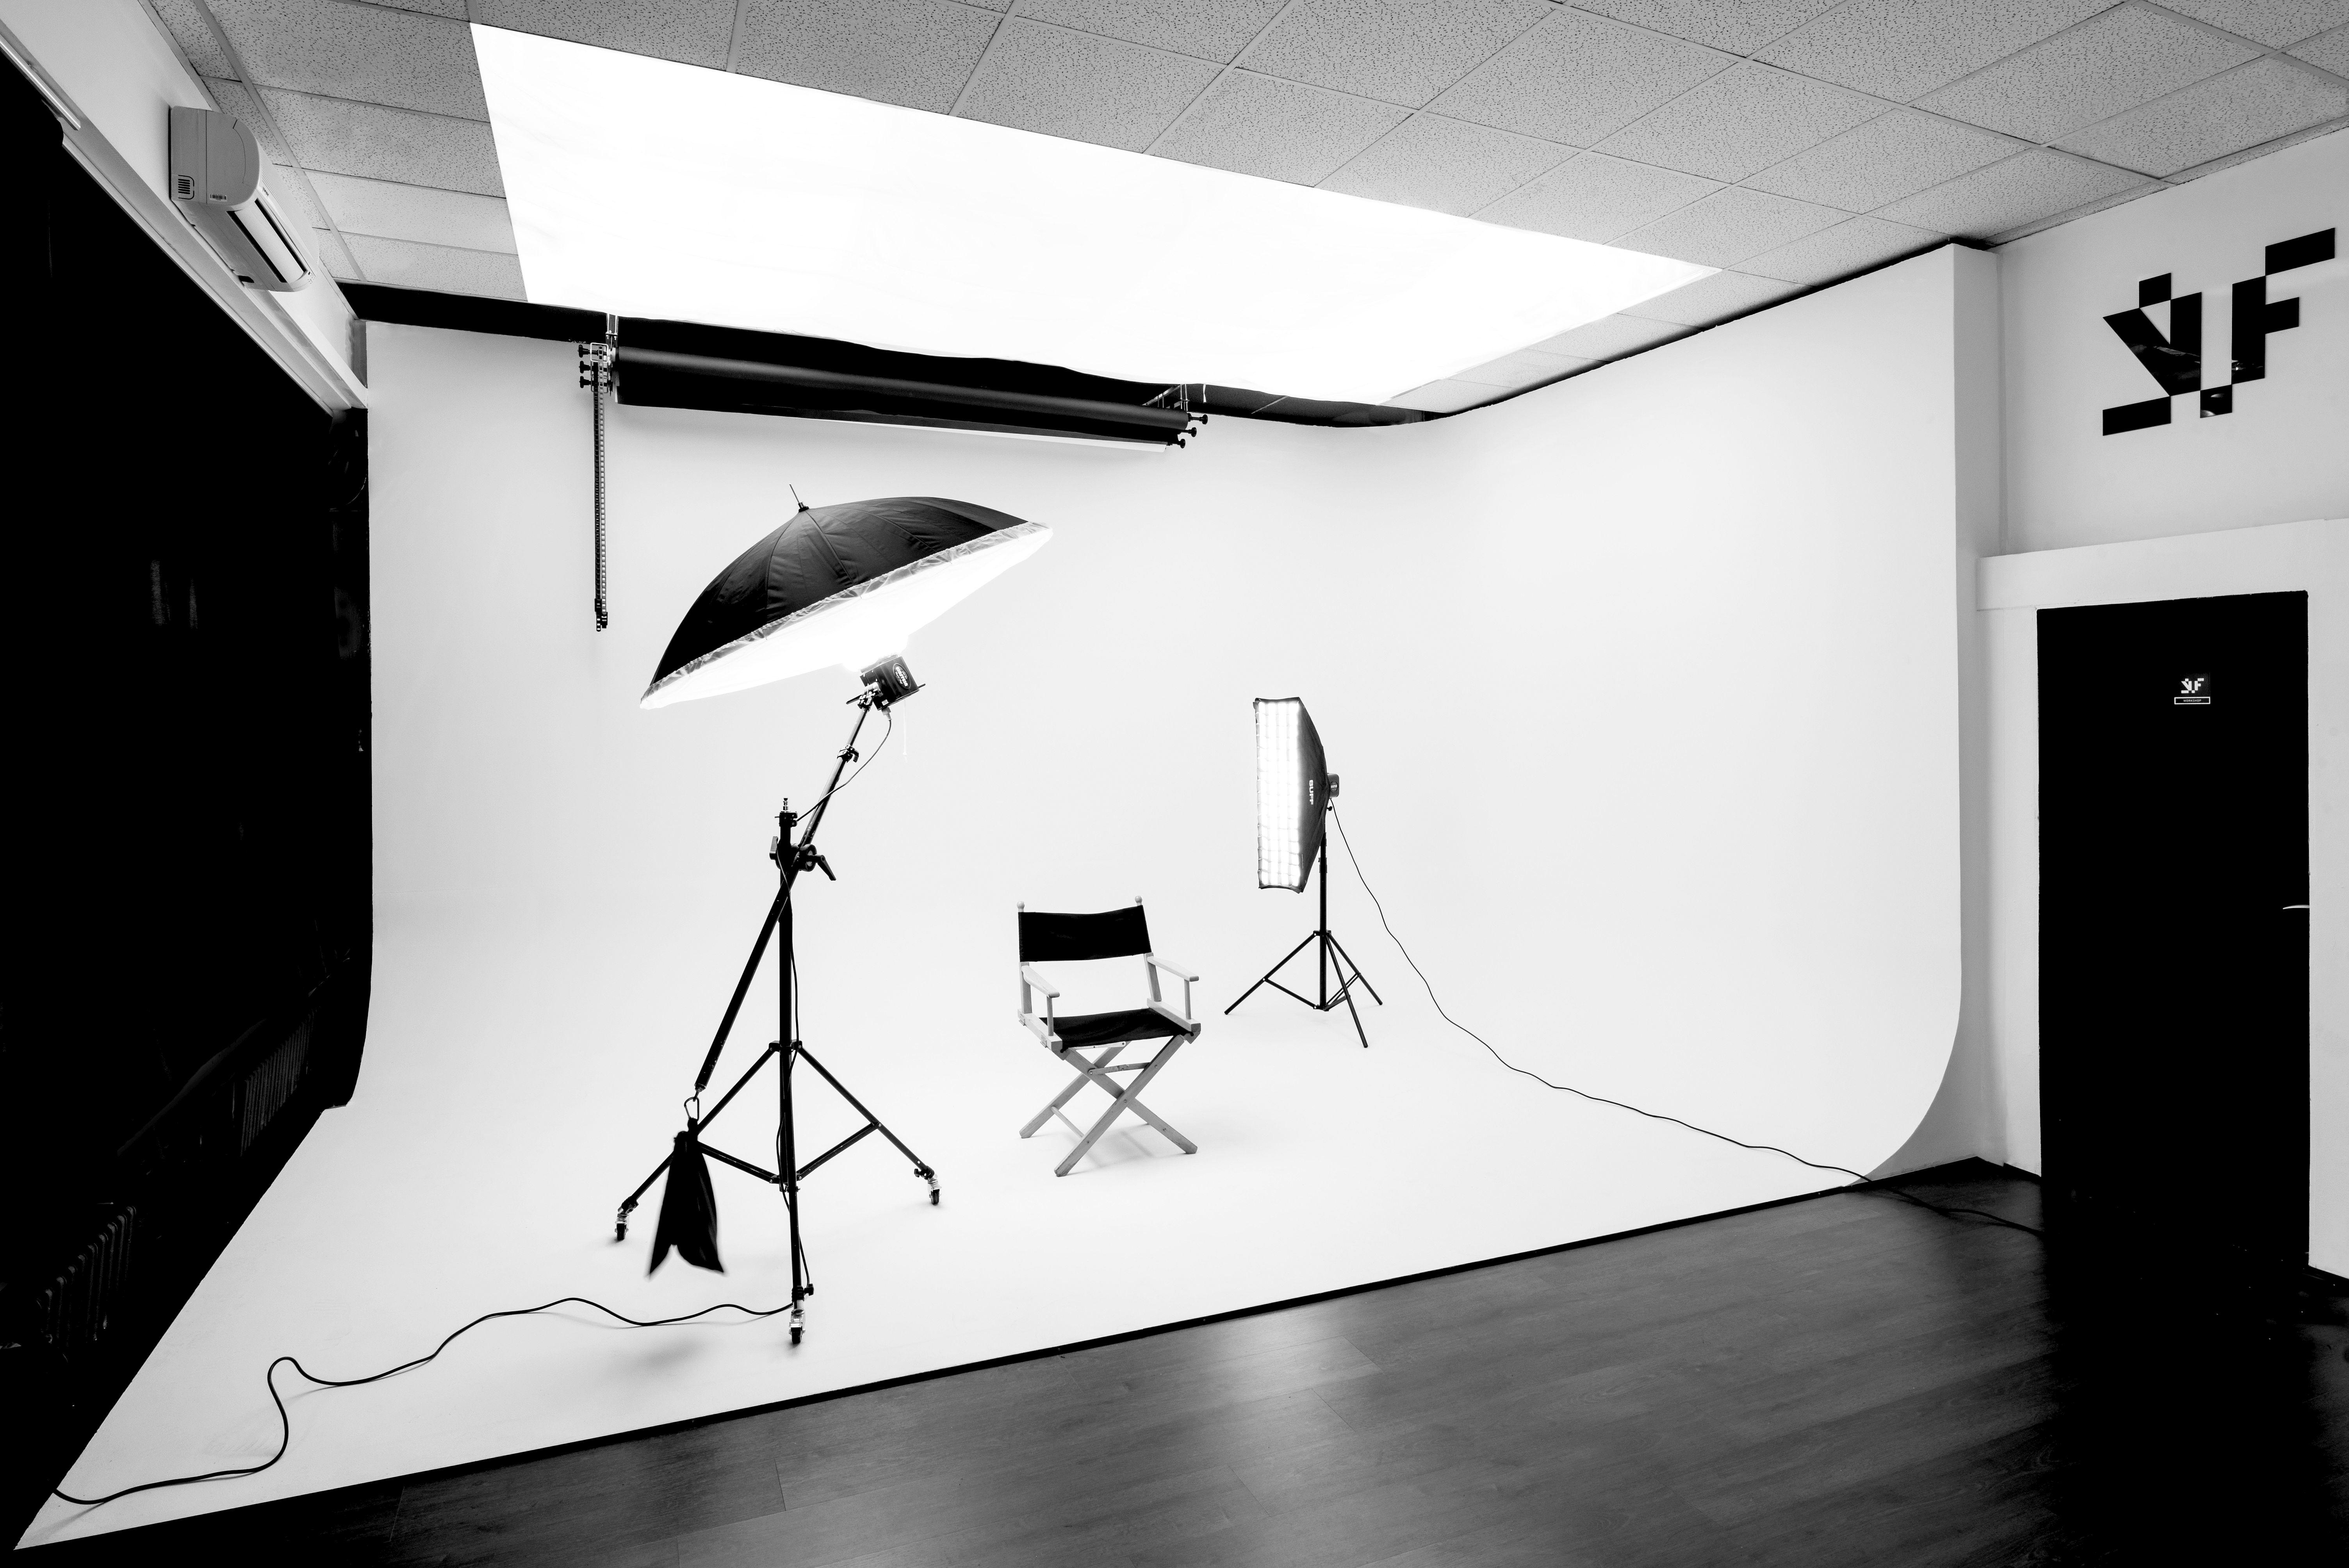 VTF_Studio